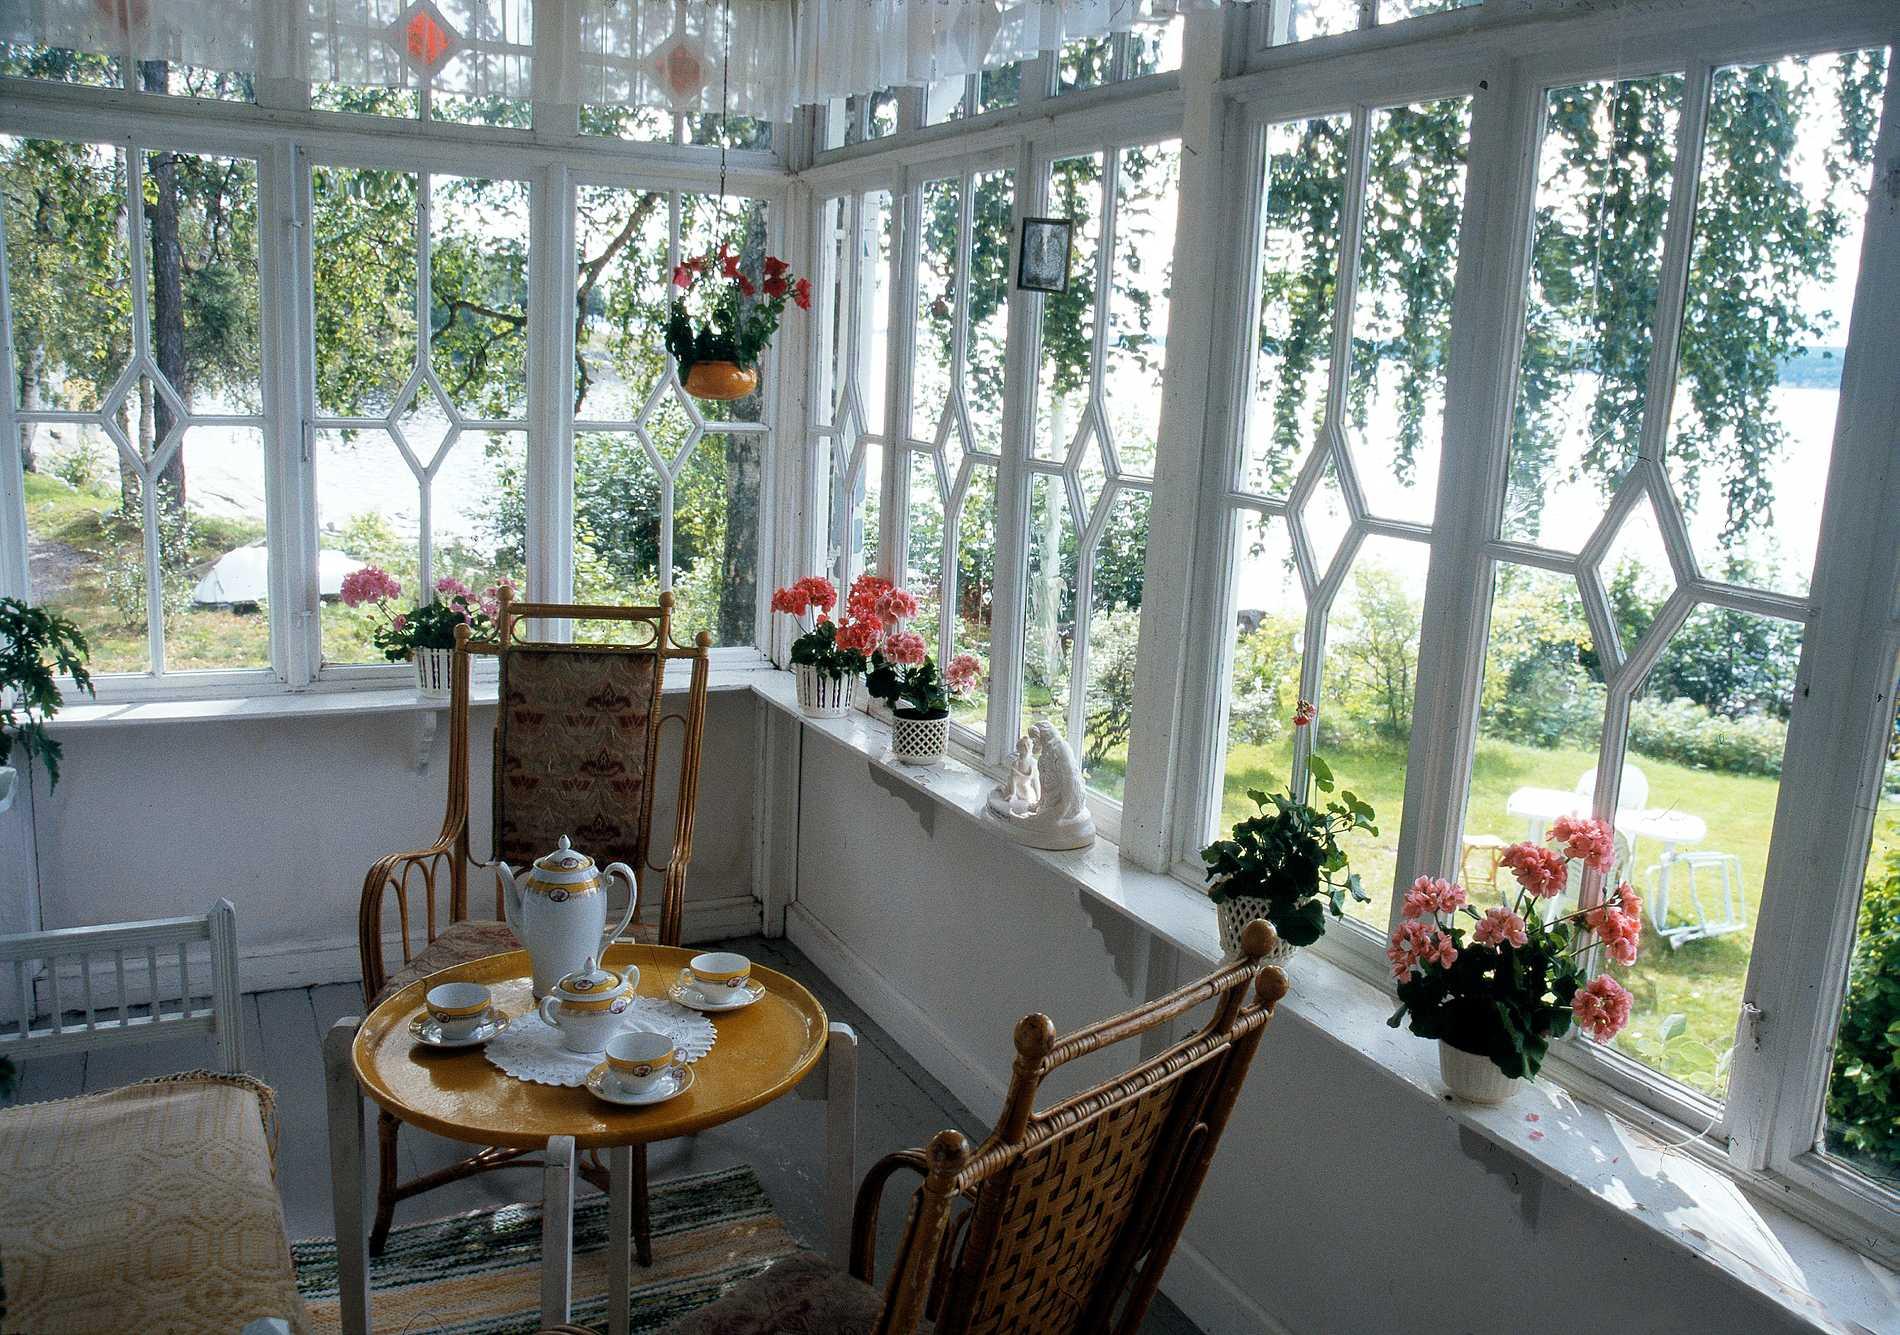 Härlig veranda med romber  i spröjsen. De övre med färgat glas. Från Allmogesnickerier i Leksand.